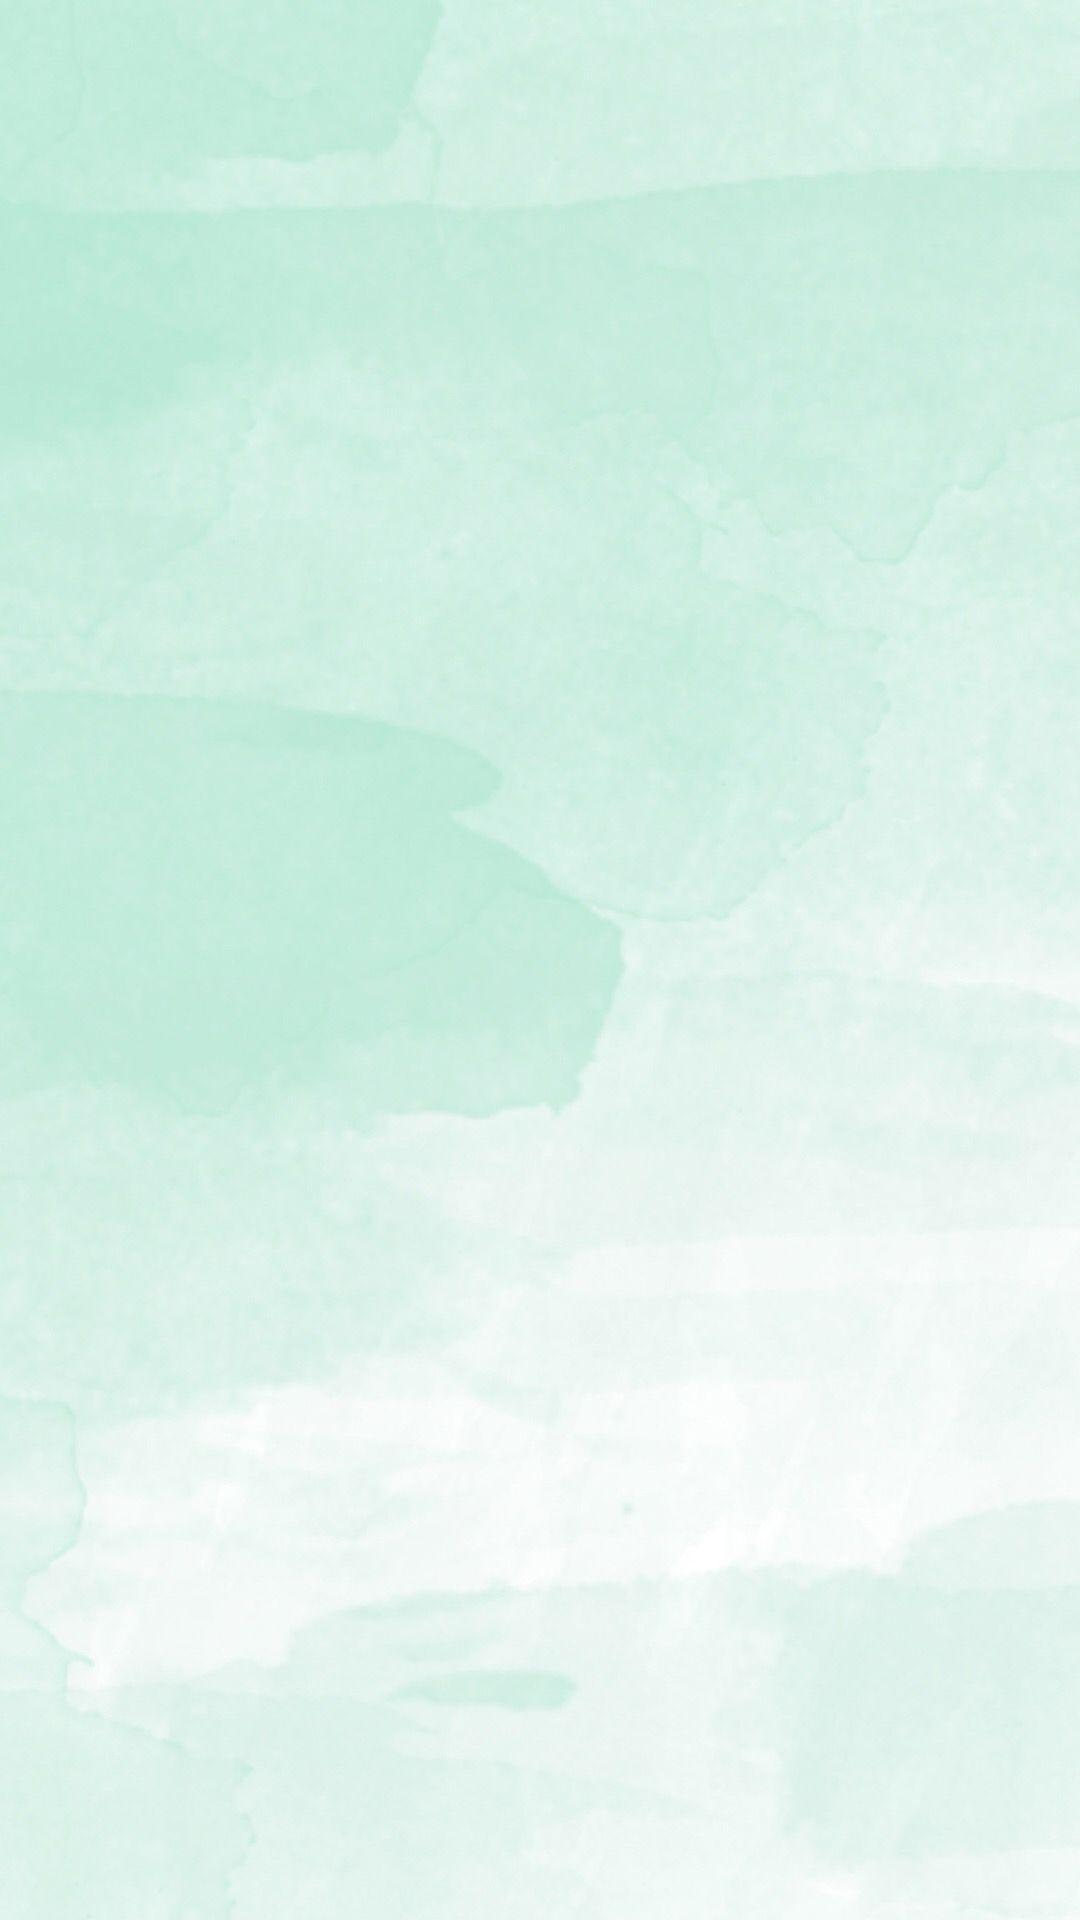 1080x1920 Mint Green Aesthetic - Android, iPhone, Máy tính để bàn HD